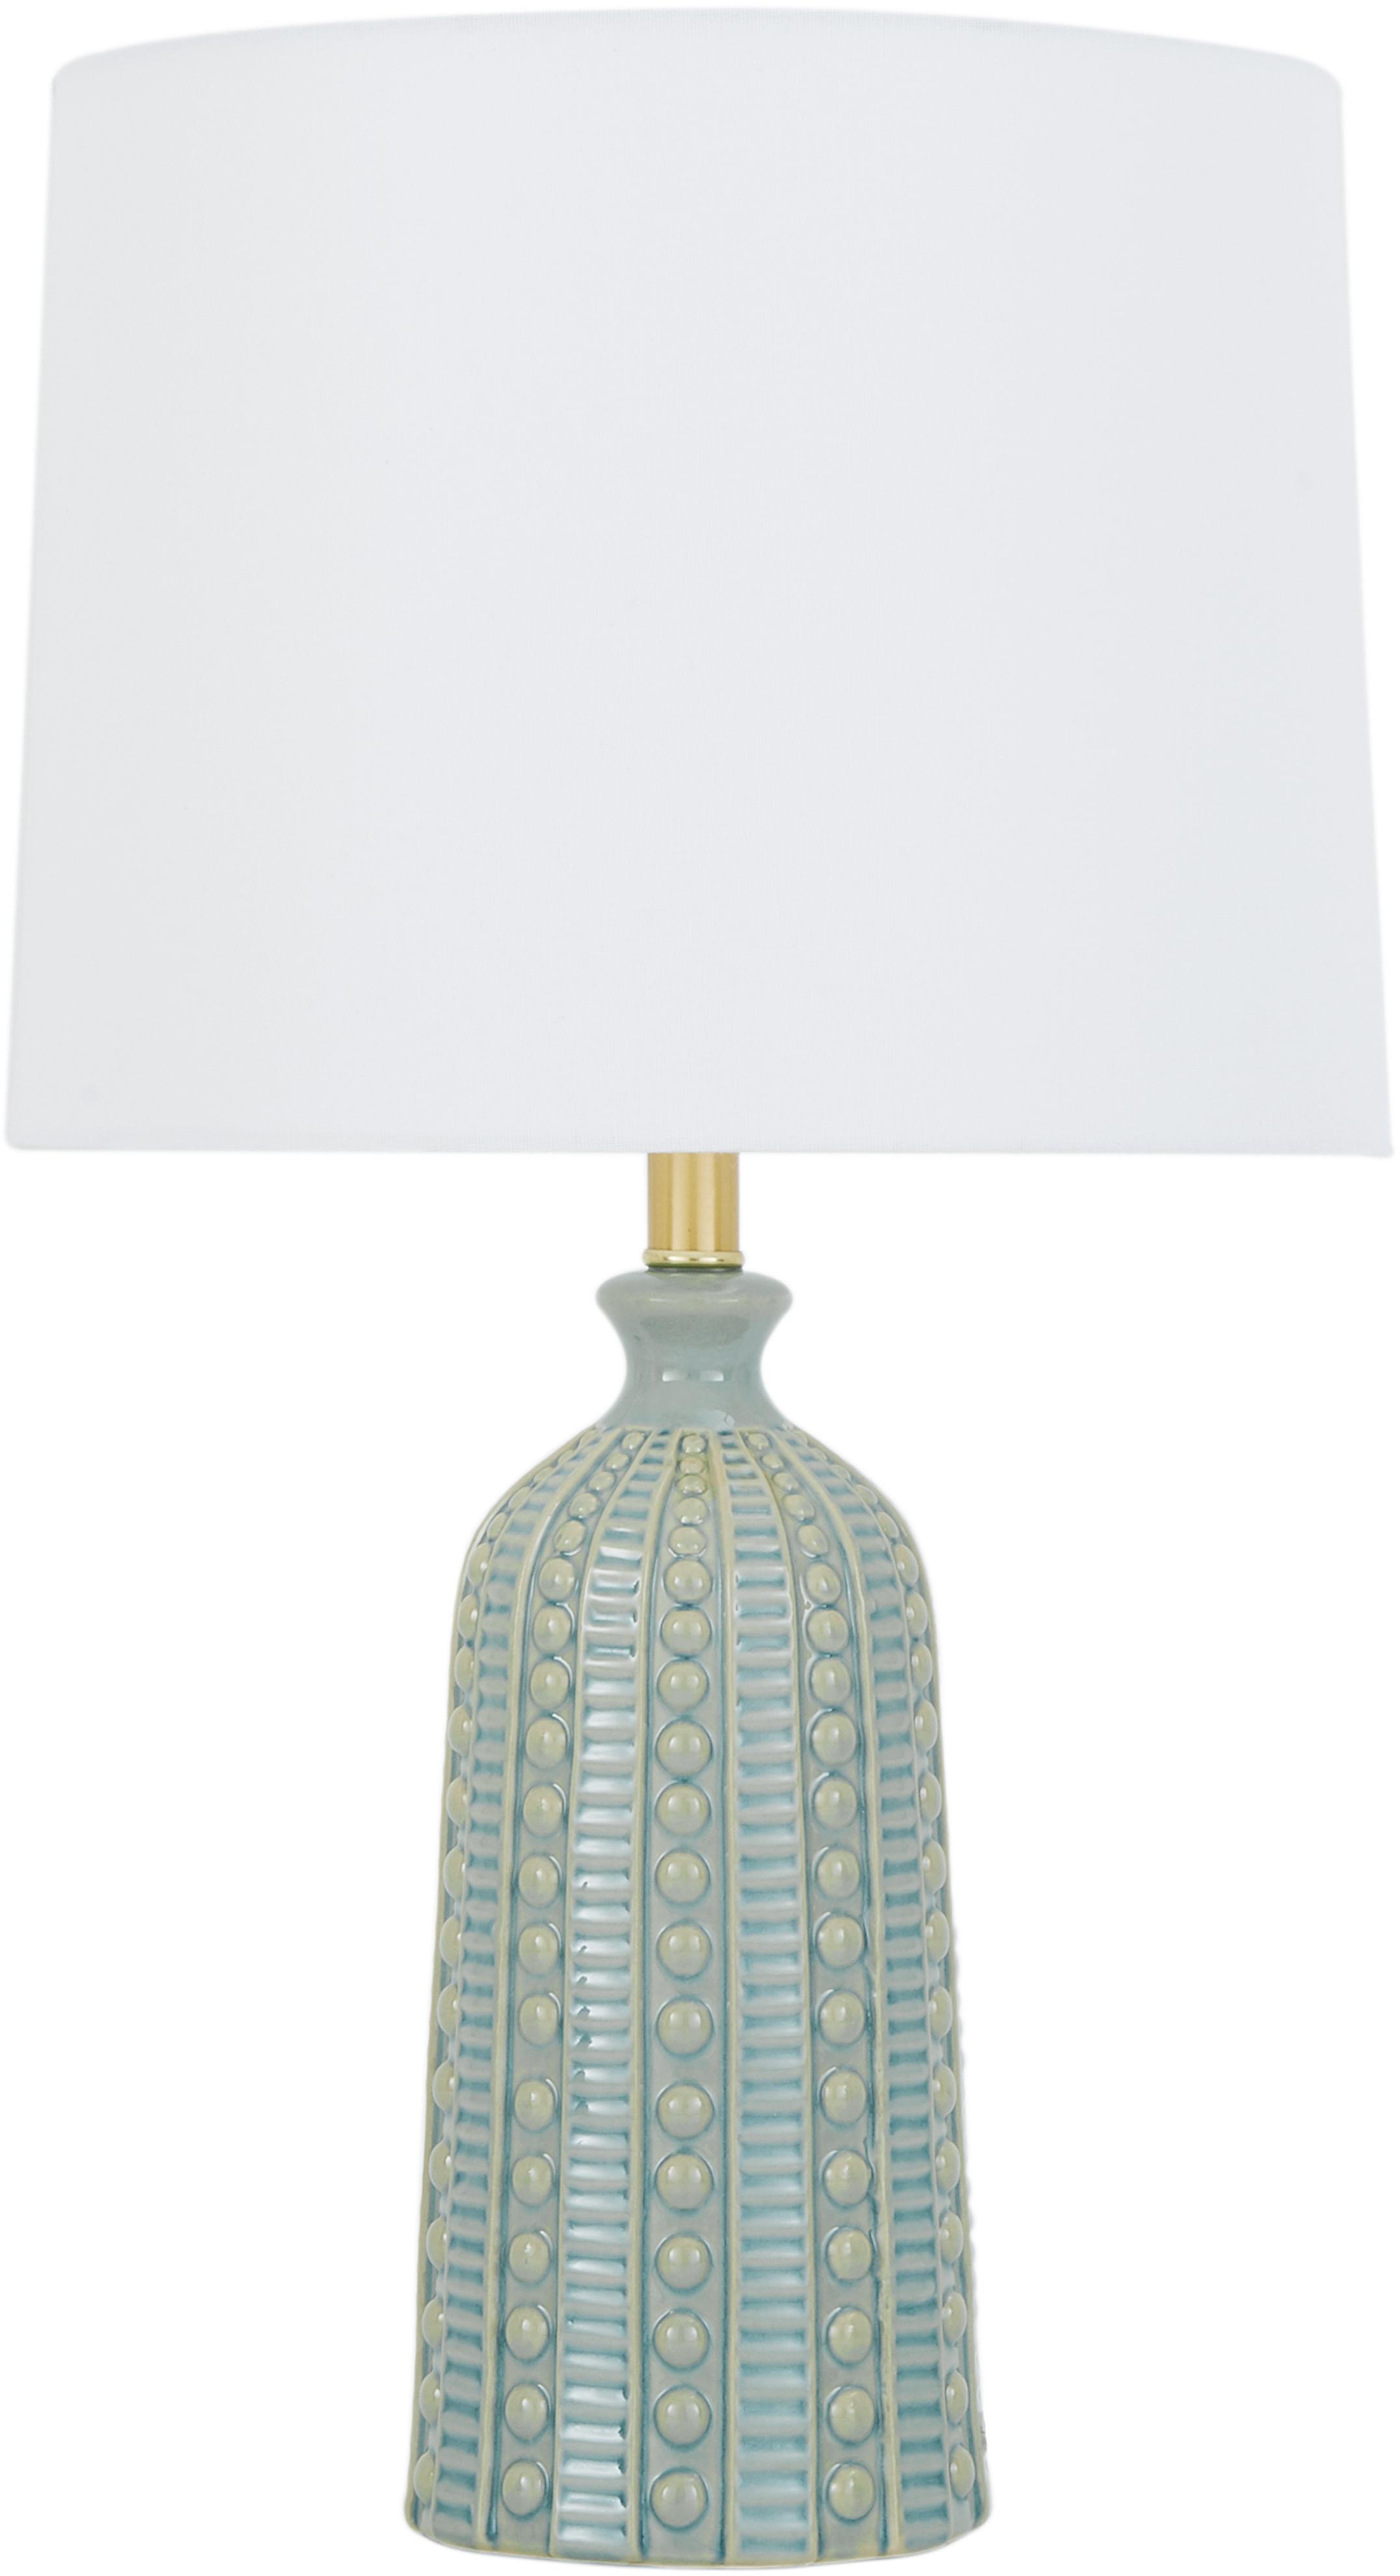 Grosse Keramik-Tischlampe Nizza in Salbeigrün, Lampenschirm: Textil, Salbeigrün, Ø 33 x H 60 cm